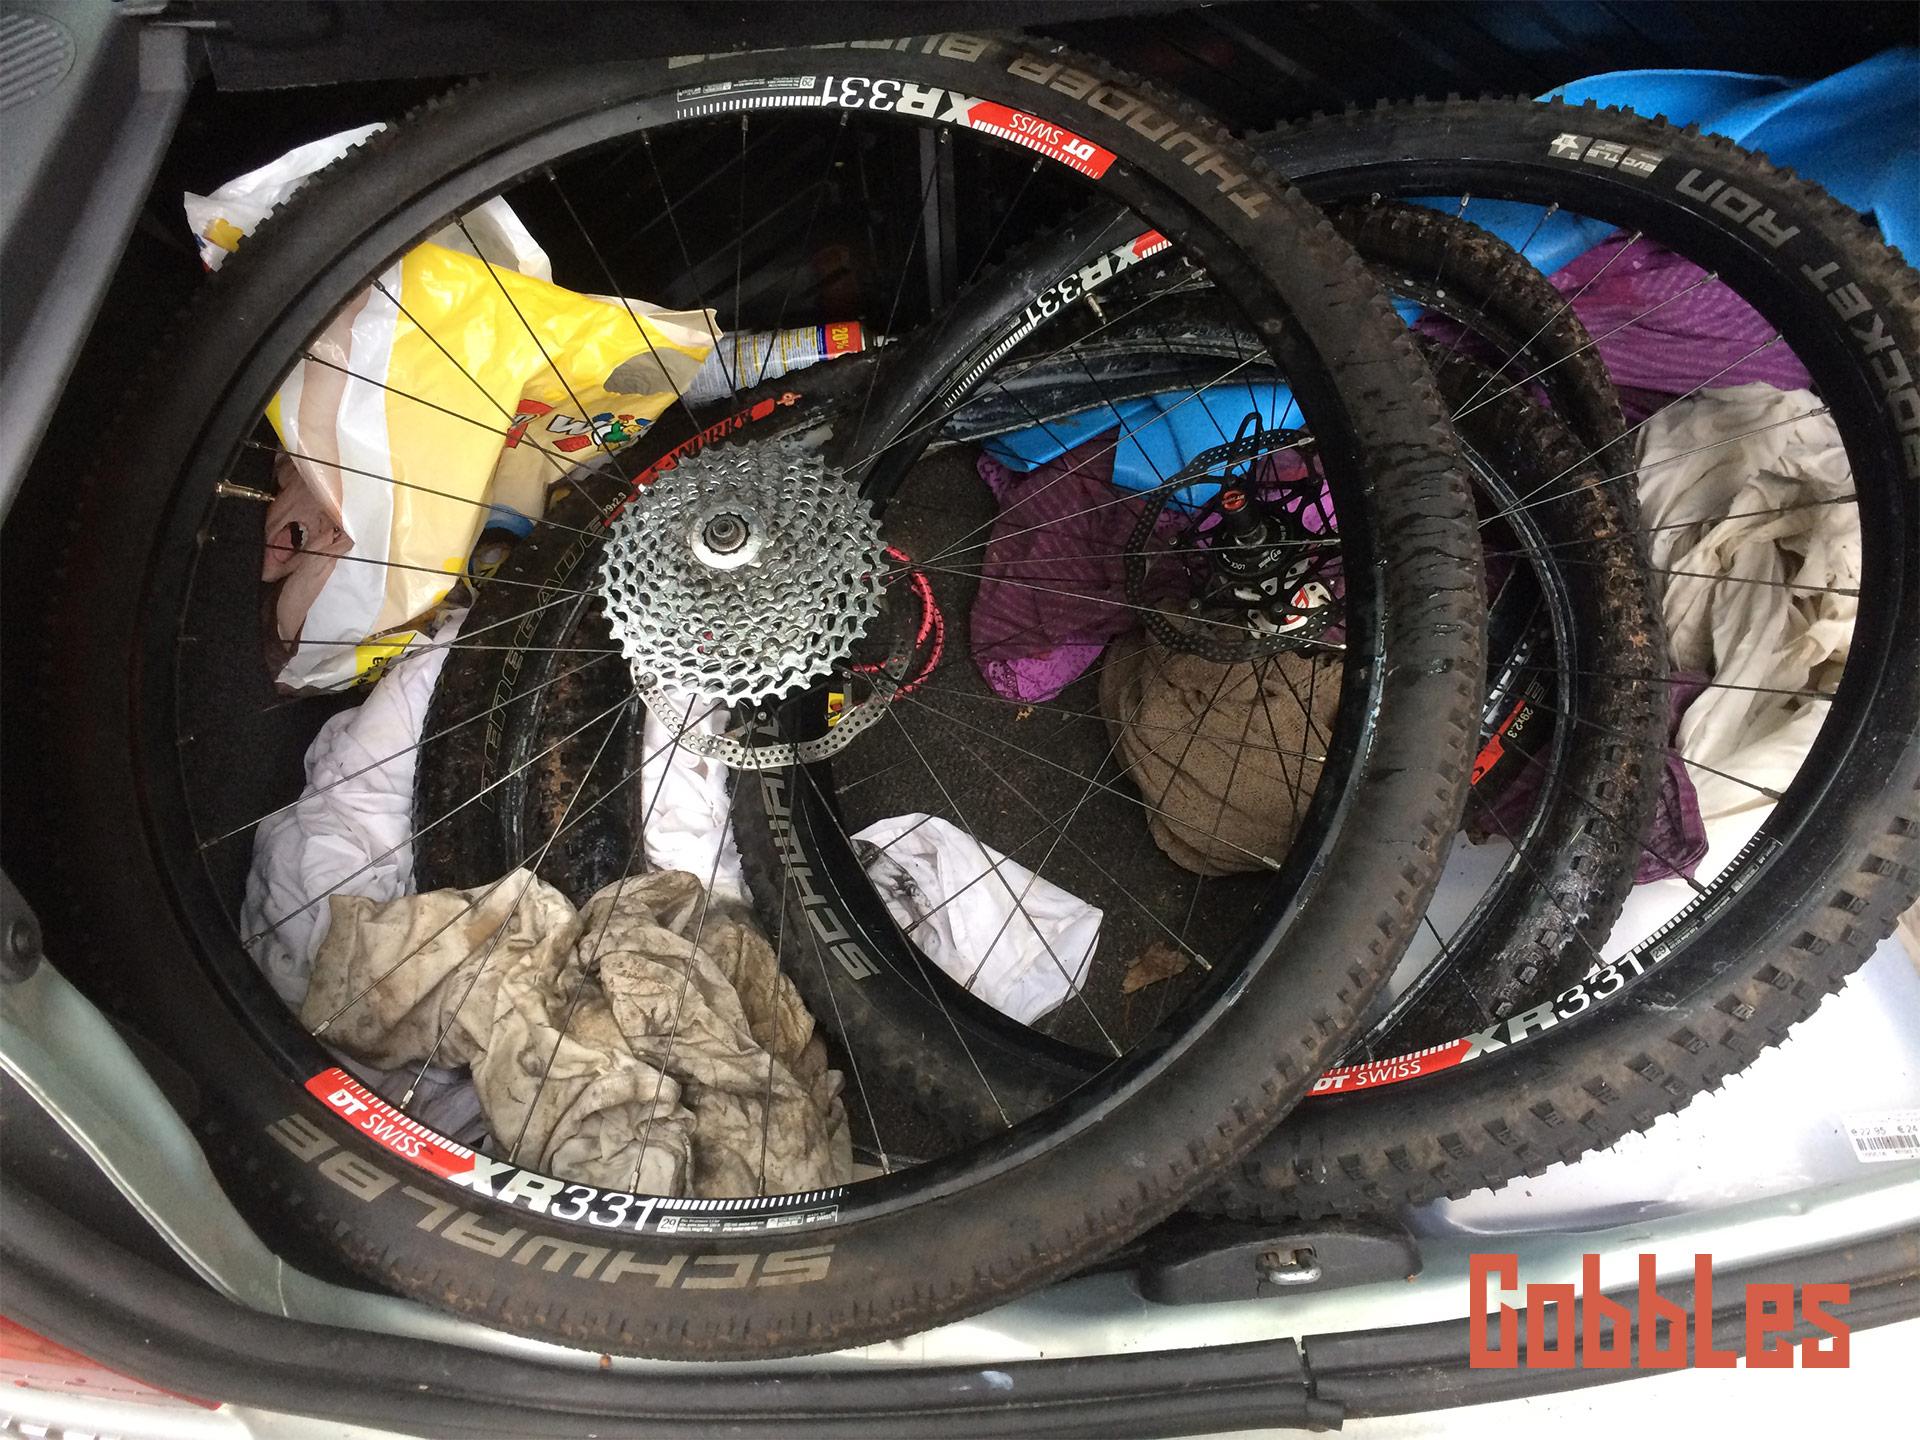 Mountainbike materiaaldillema: Welke banden te kiezen?